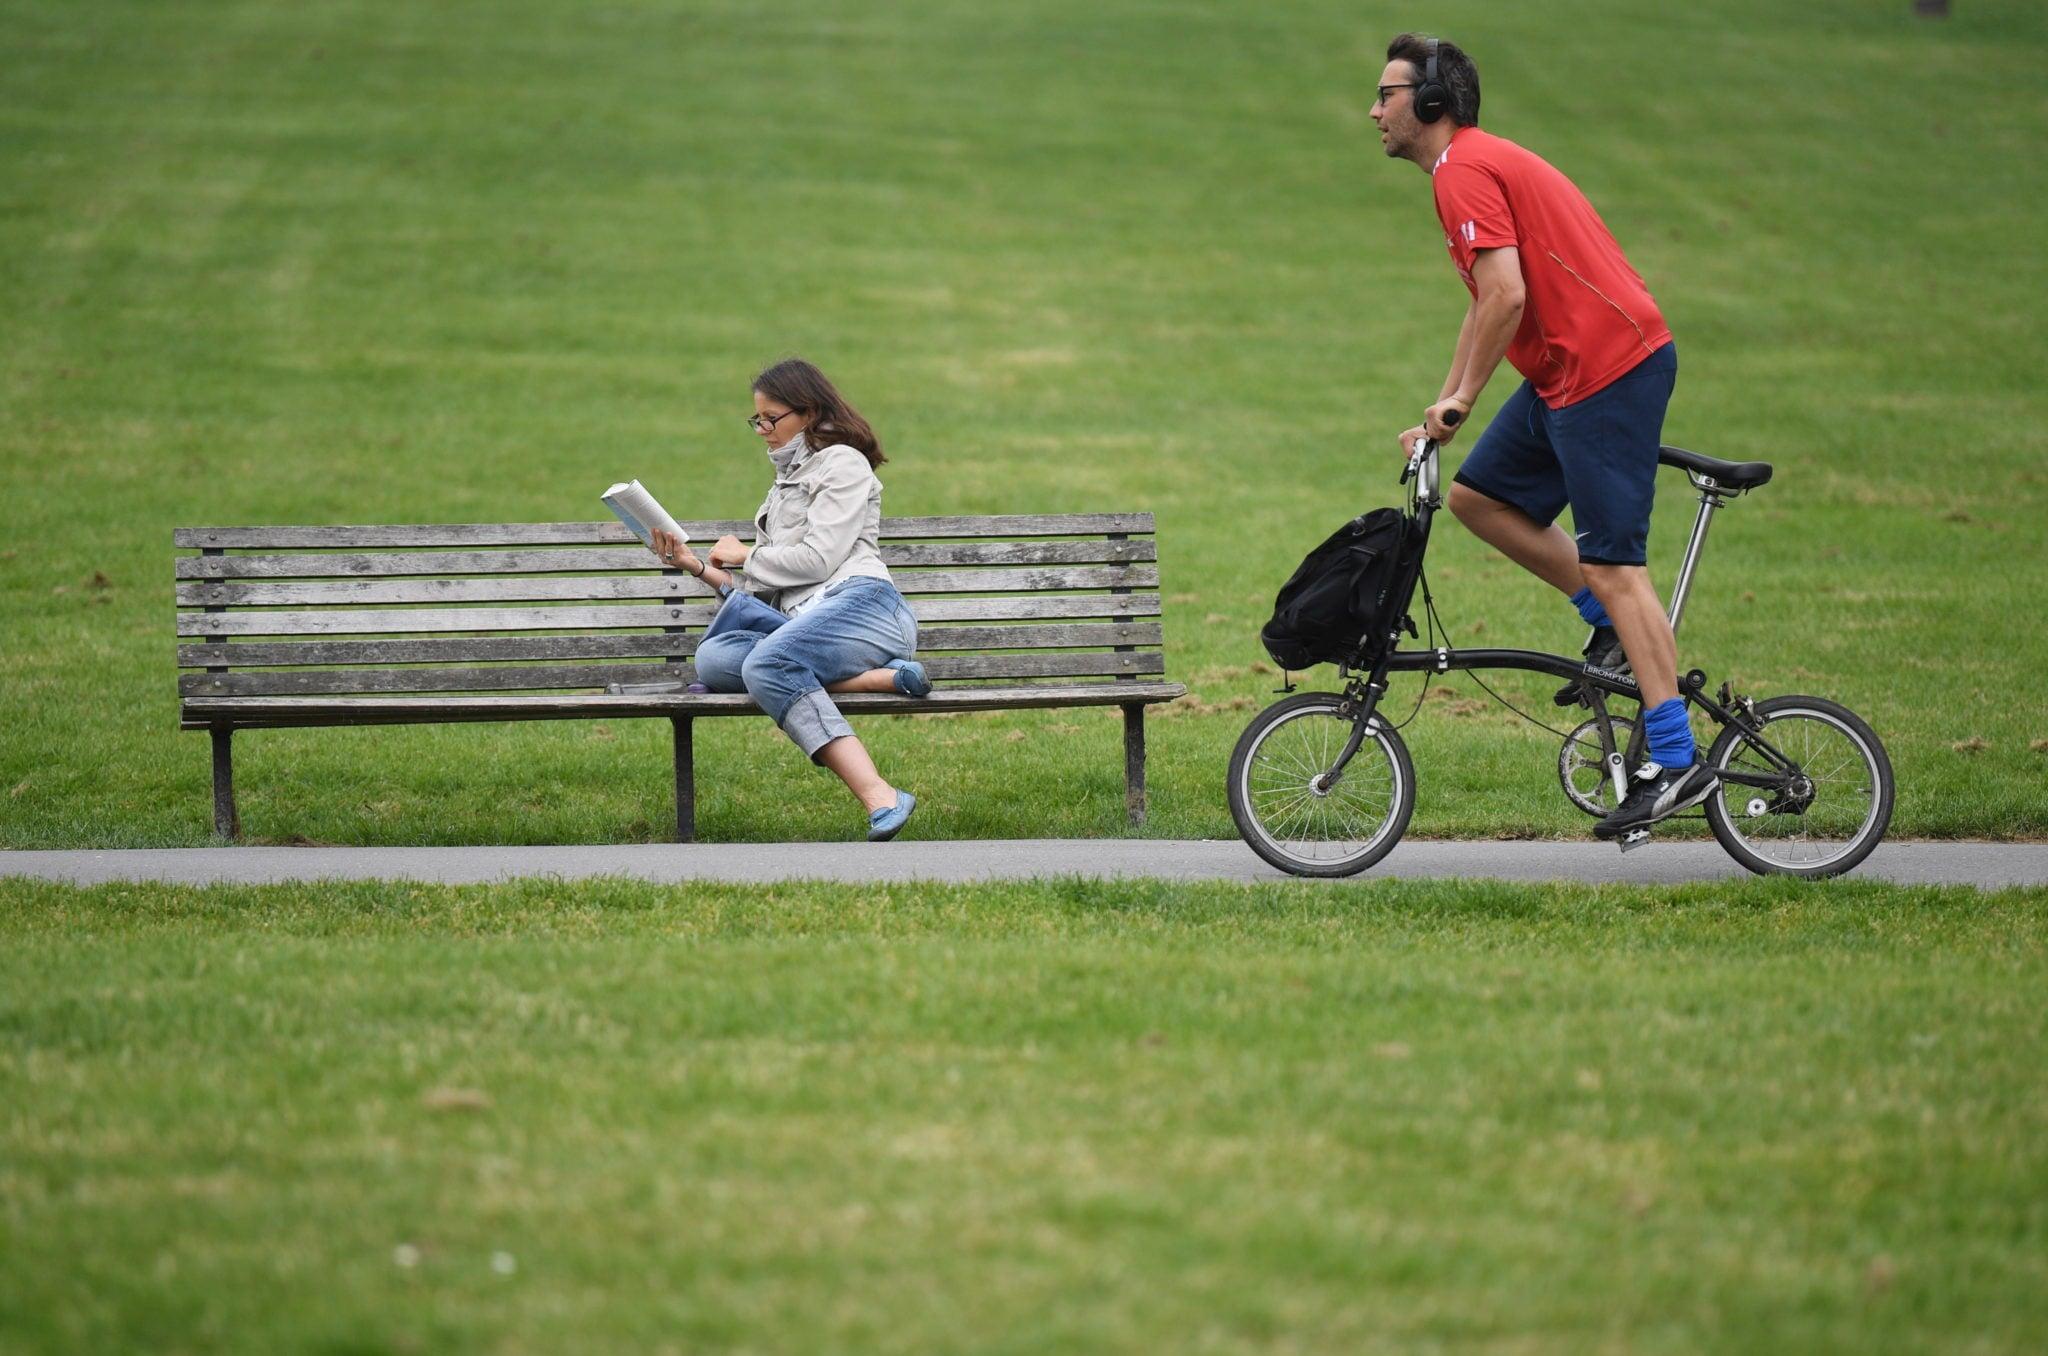 Wzgórze Primrose Hill w Londynie, relaks mieszkańców, fot: Neil Hall, PAP/EPA